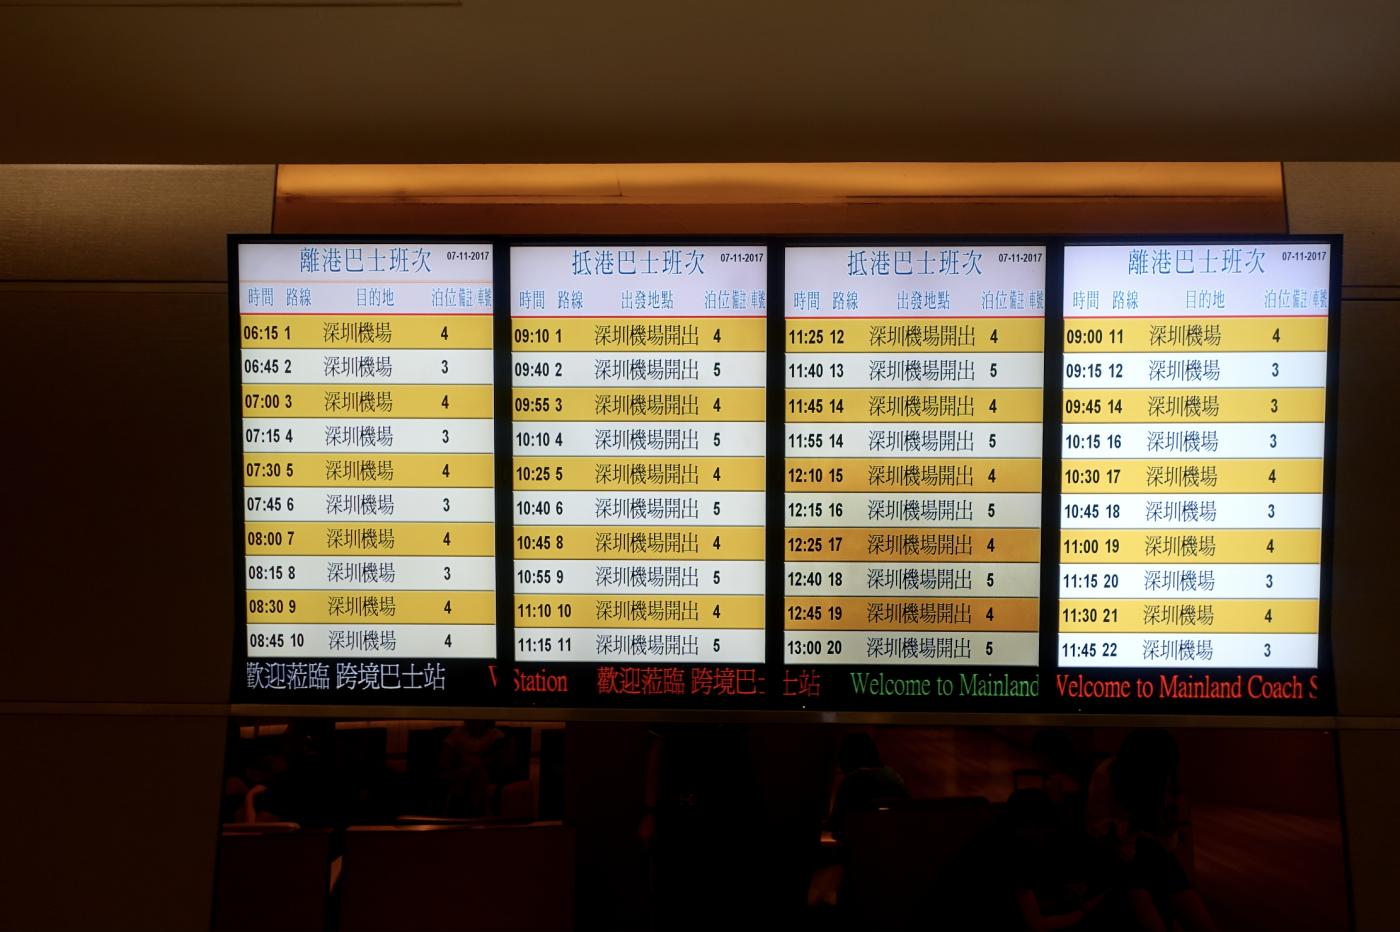 香港印象:高度商业化、整洁、有序_图1-10